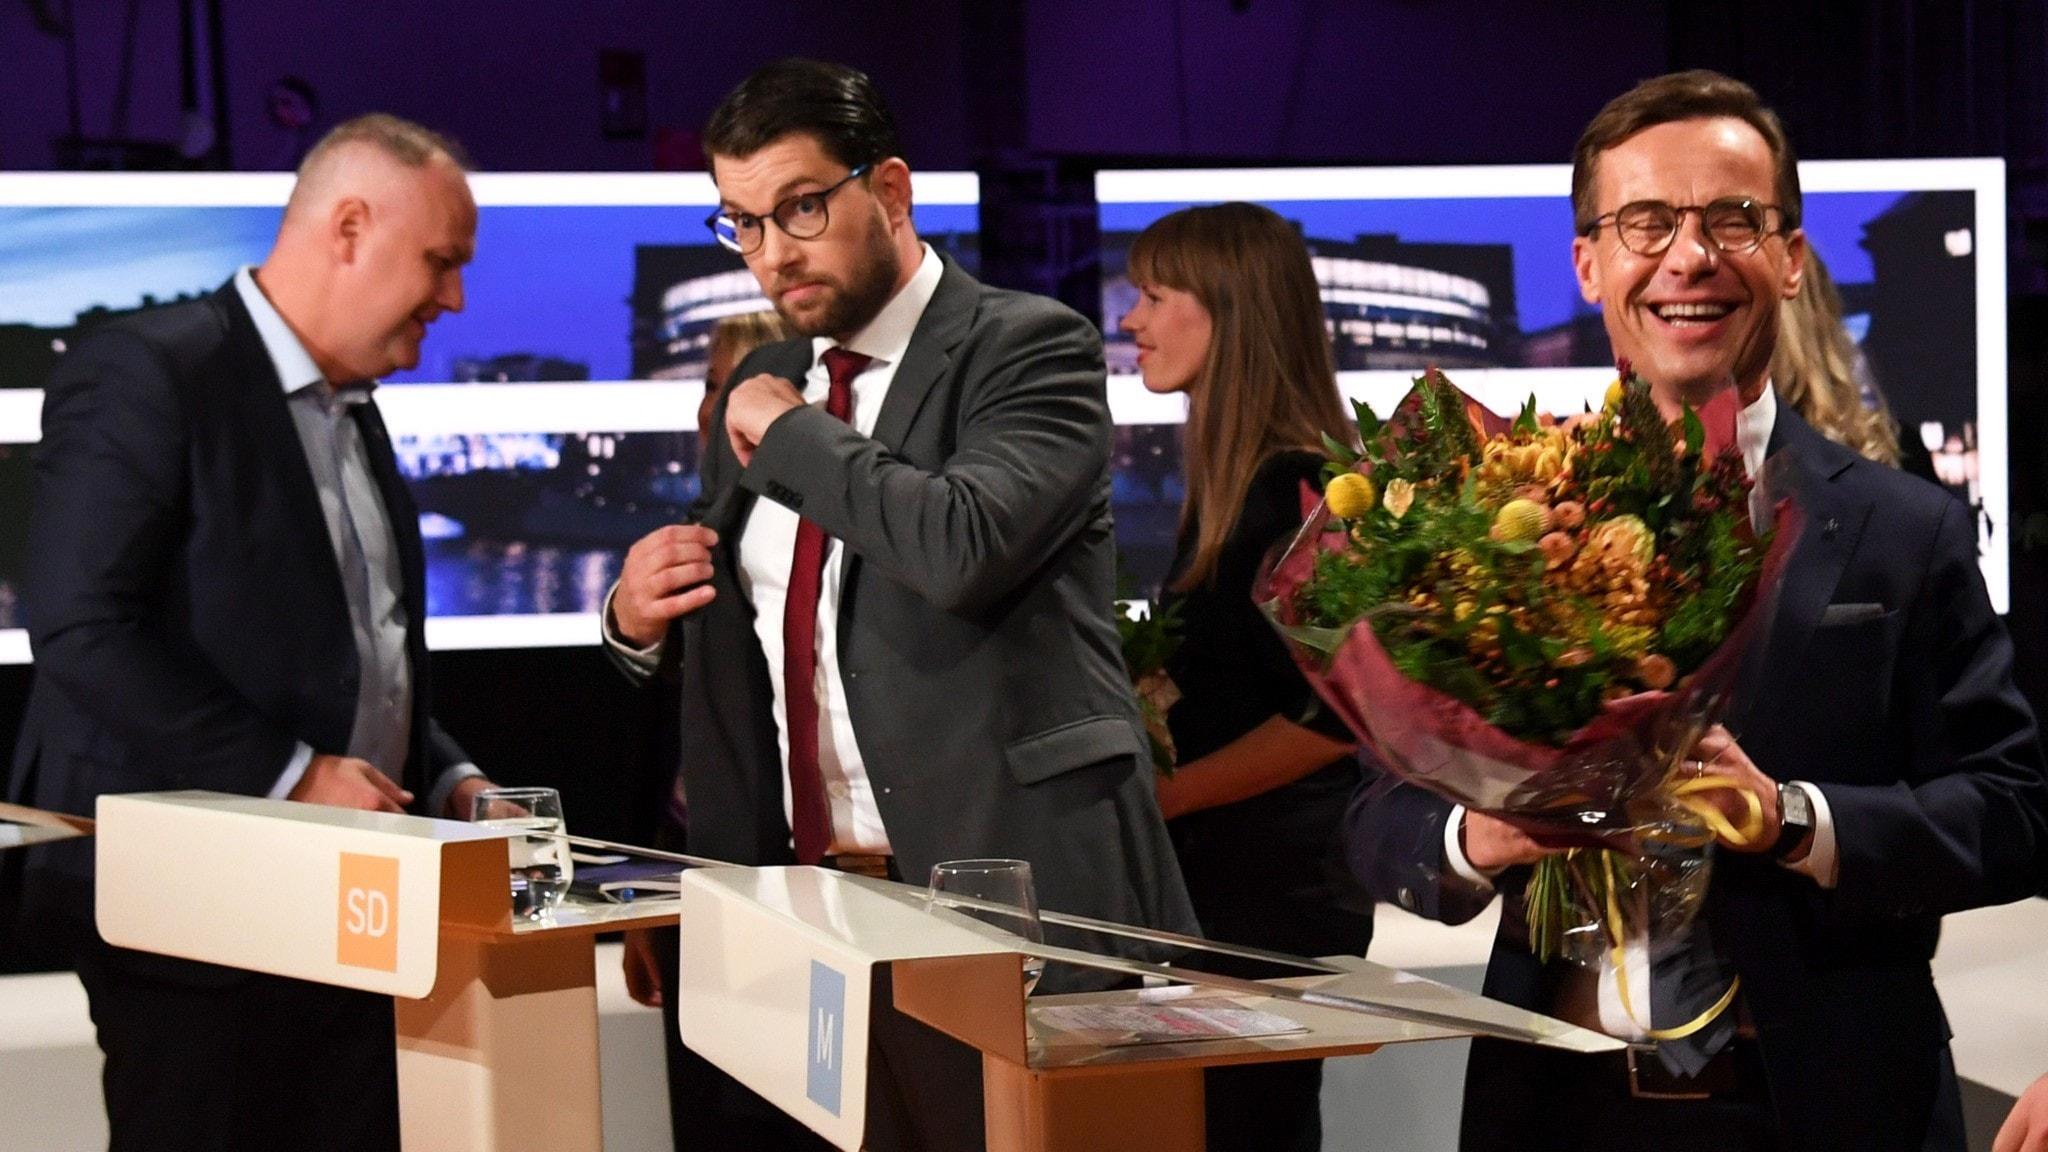 Vänsterpartiets partiledare Jonas Sjöstedt Sverigedemokraternas partiledare Jimmie Åkesson och Moderaternas partiledare Ulf Kristersson.